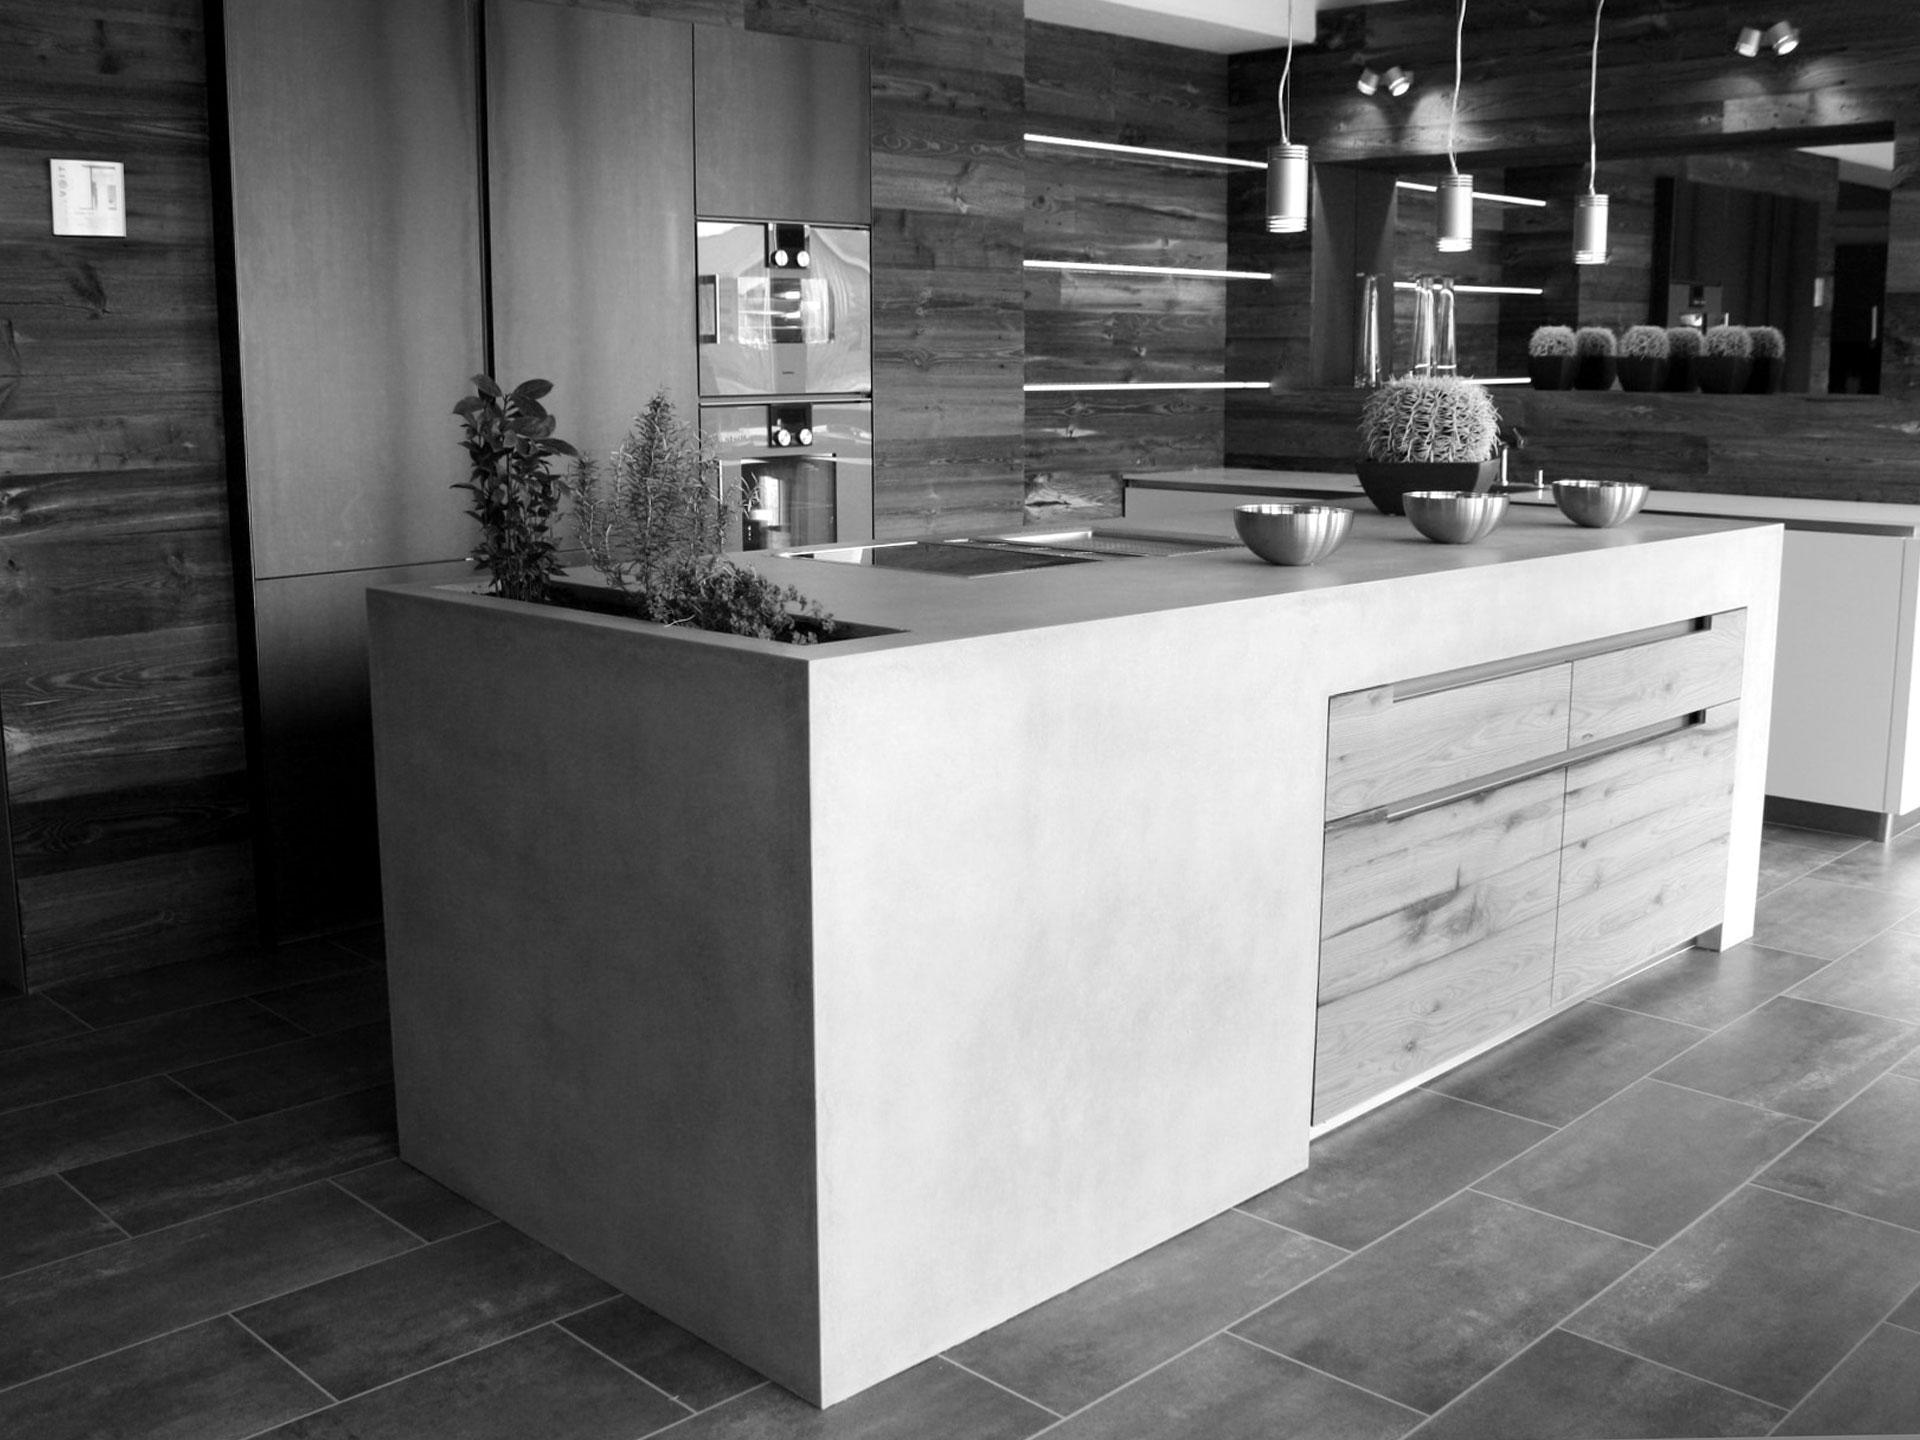 Ausstellungsküche im Showroom von VOIT